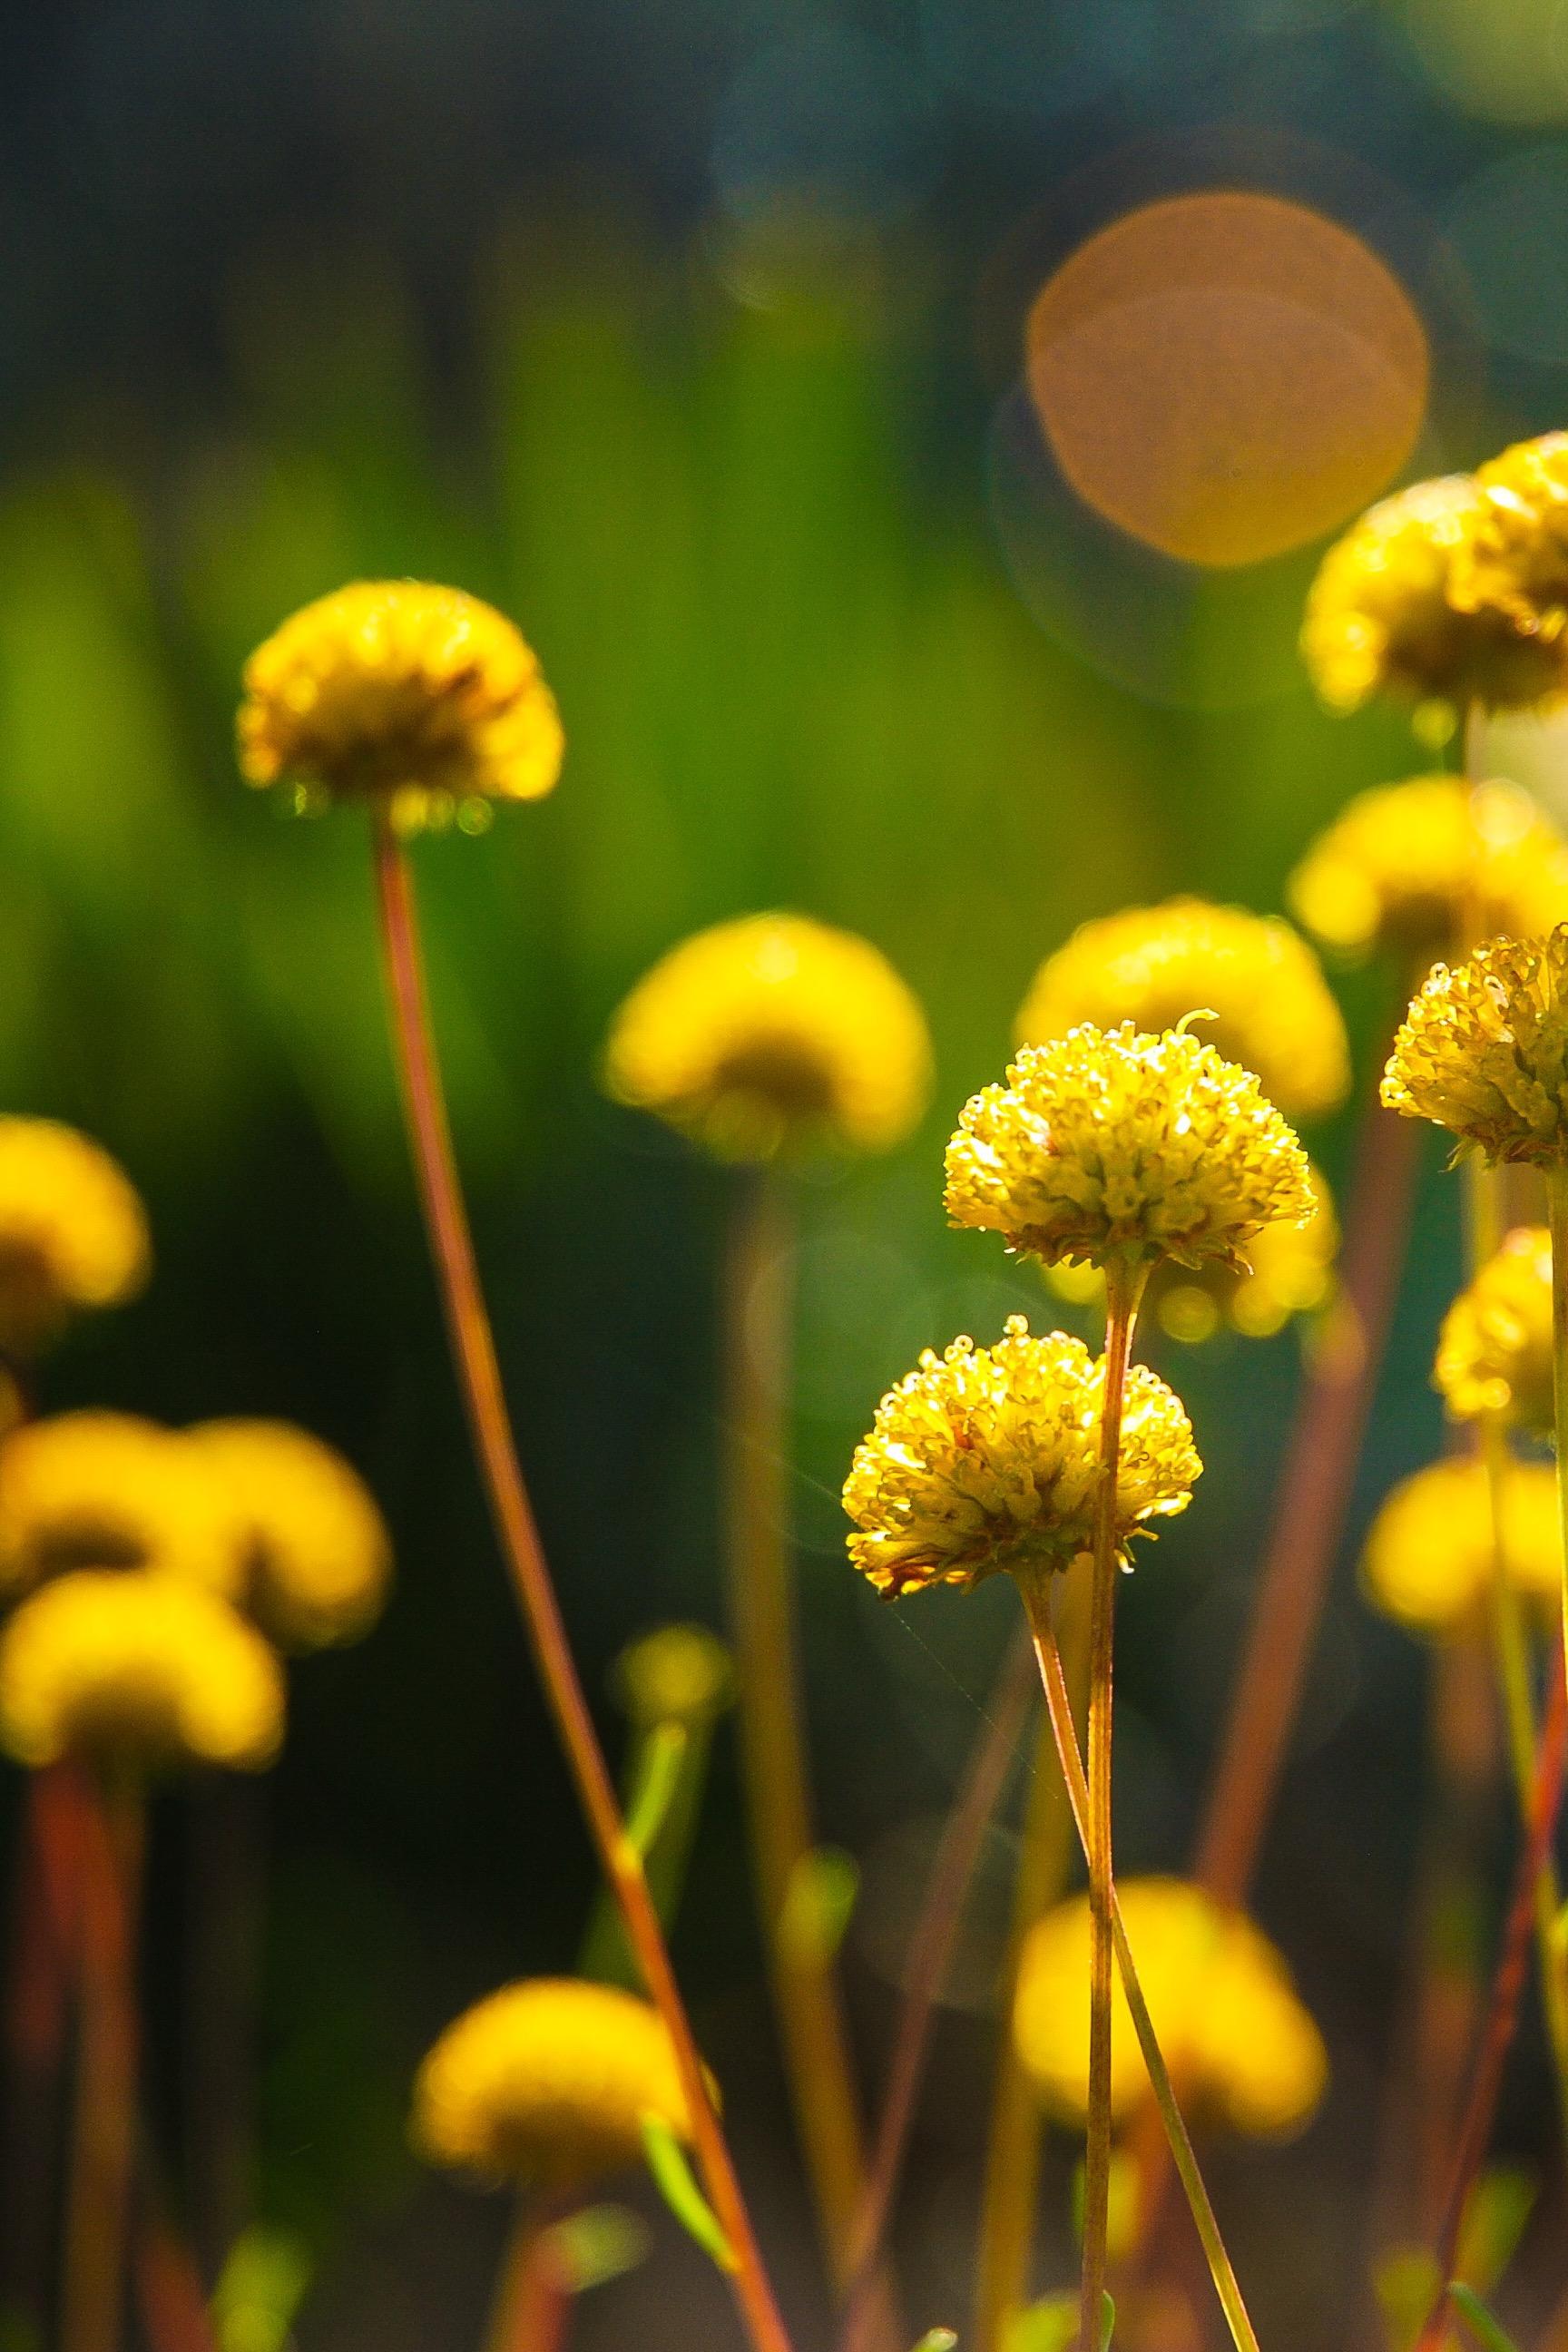 Sun Flowers, Free Wallpaper